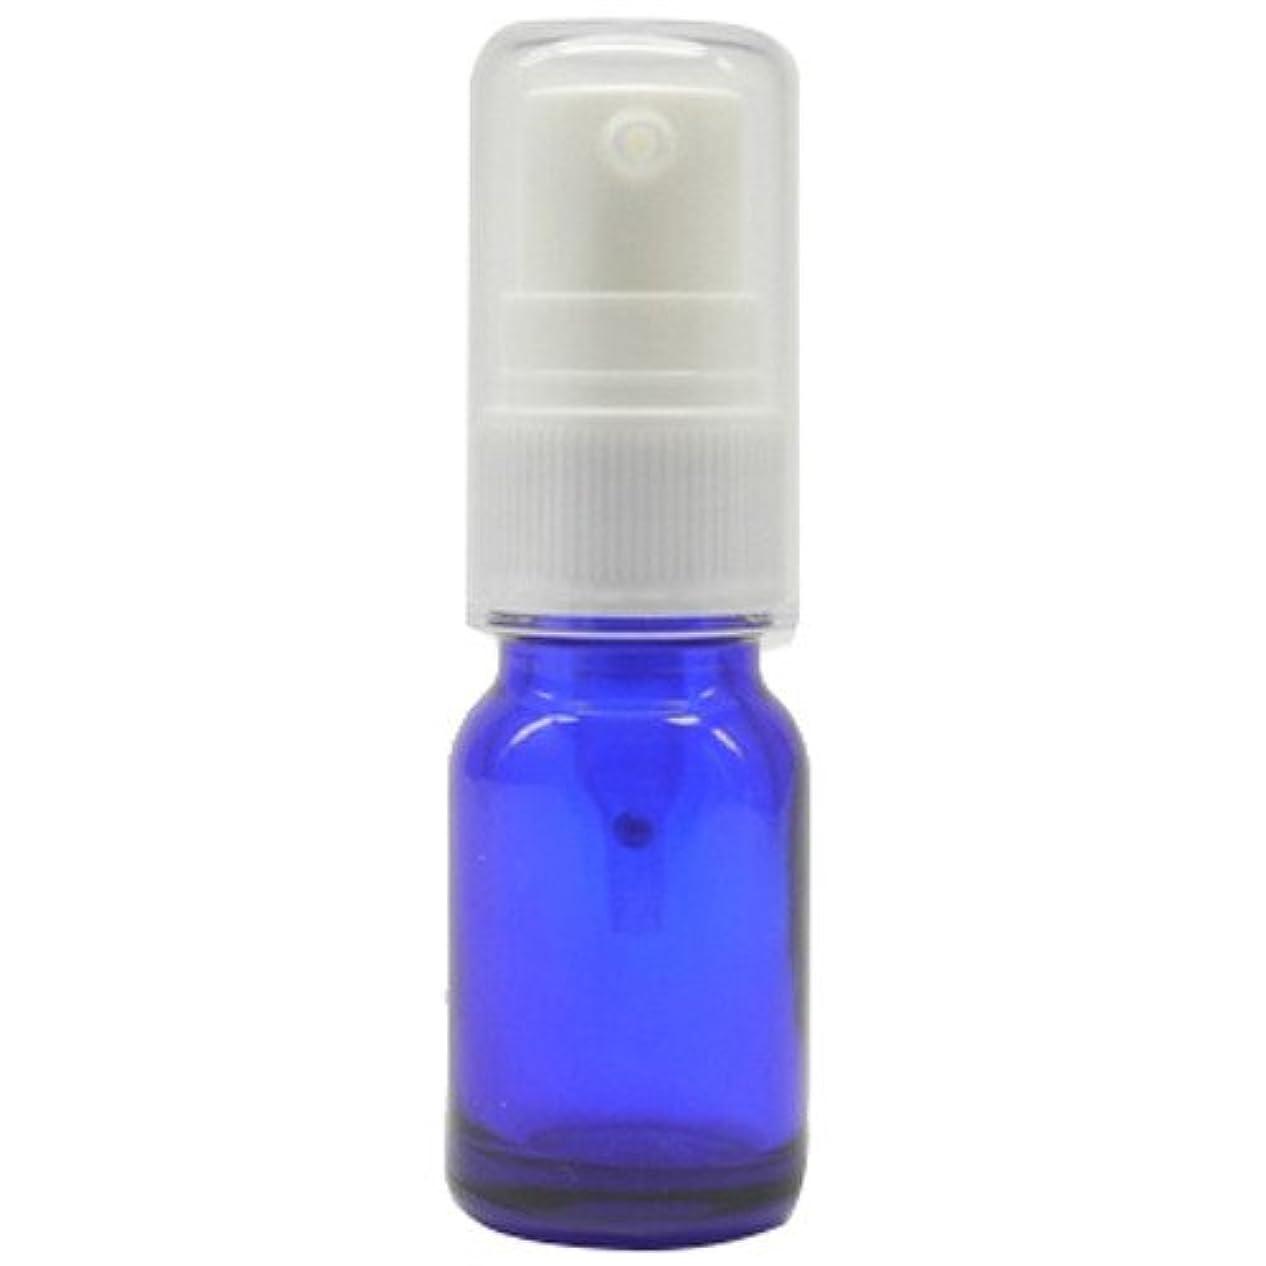 ポット花瓶小数アロマアンドライフ (D)ブルーポンプ瓶10ml 3本セット